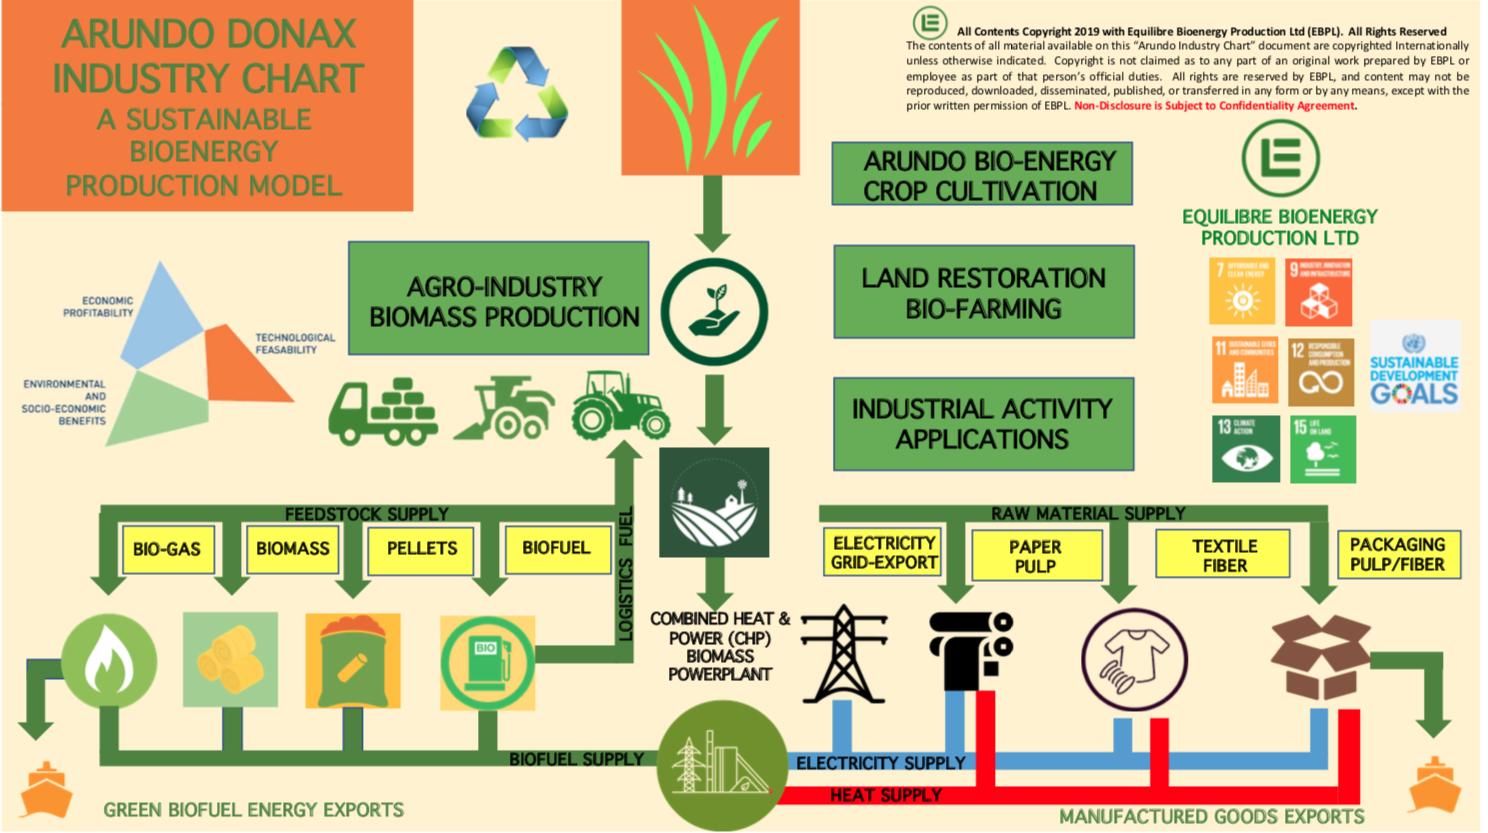 Gallery Bioenergy from Arundo Donax Biomass 2